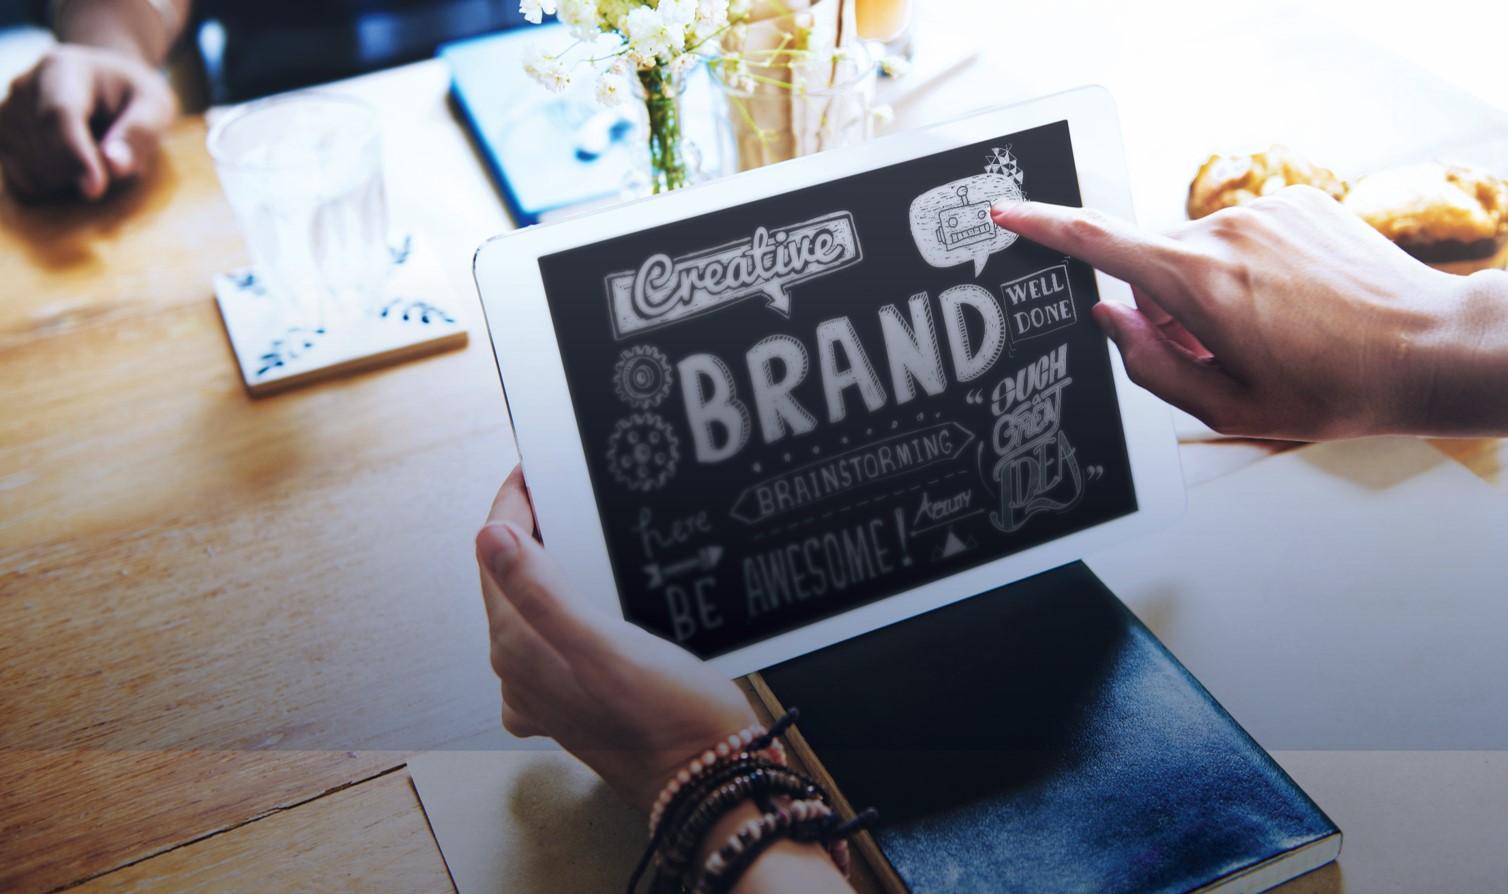 نجاحك التسويقي يعتمد بشكل كبير على نجاح العلامة التجارية